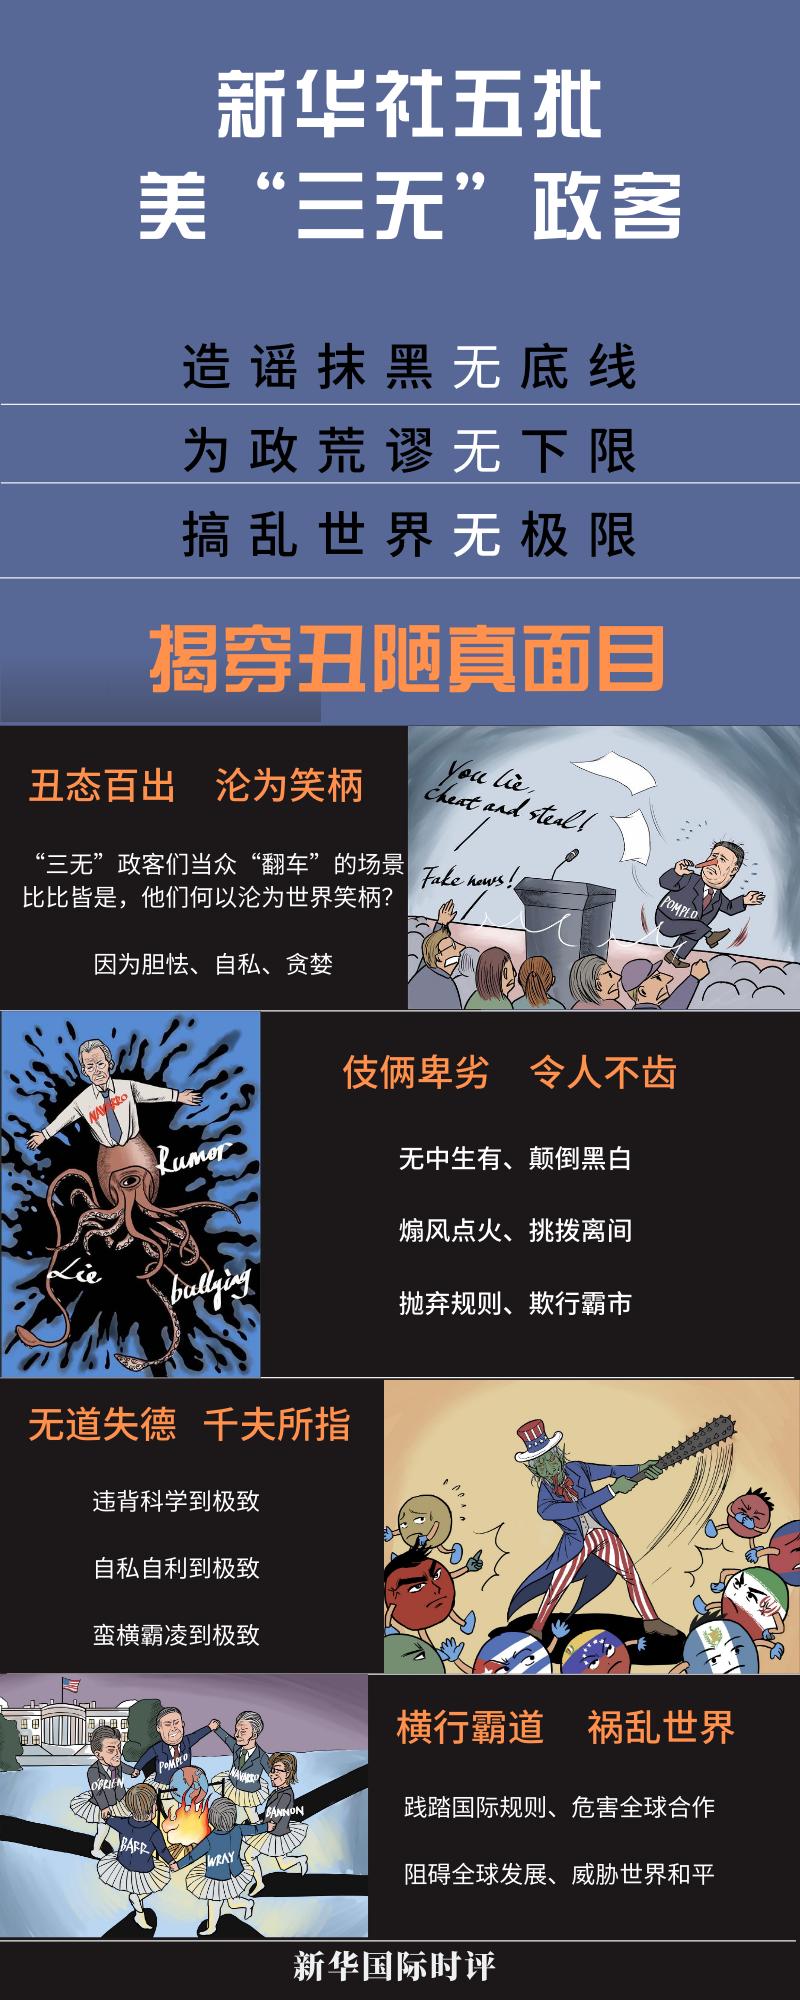 """新华社五批美""""三无""""政客 揭穿丑陋真面目"""